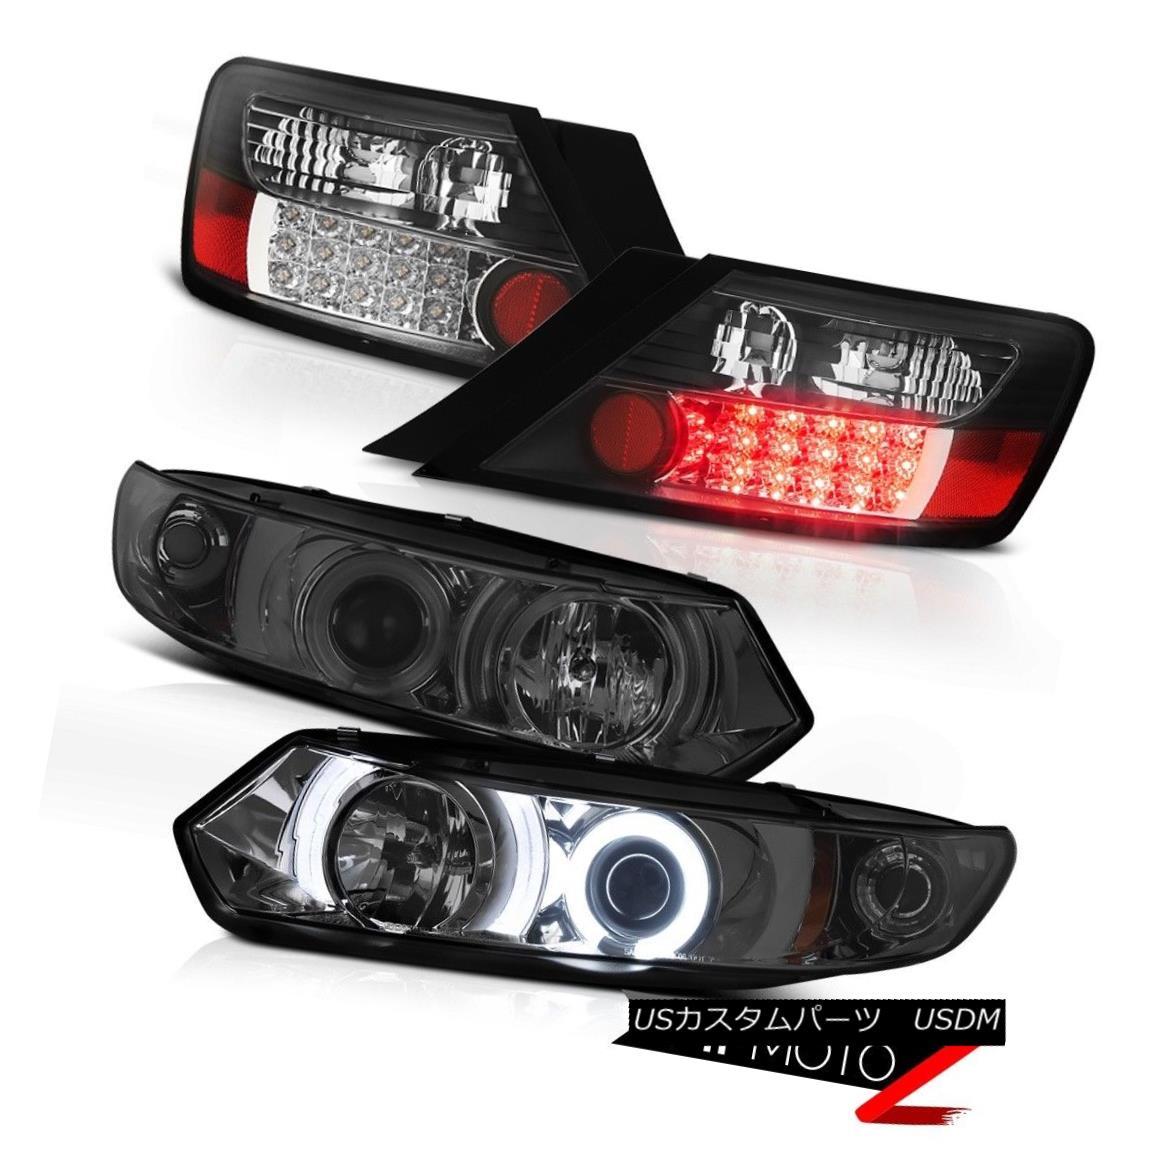 テールライト 2006-2011 Honda Civic 2DR LX C.C.F.L Smoke Halo Headlights BLACK LED Tail Light 2006-2011ホンダシビック2DR LX C.C.F.LスモークハローヘッドライトブラックLEDテールライト